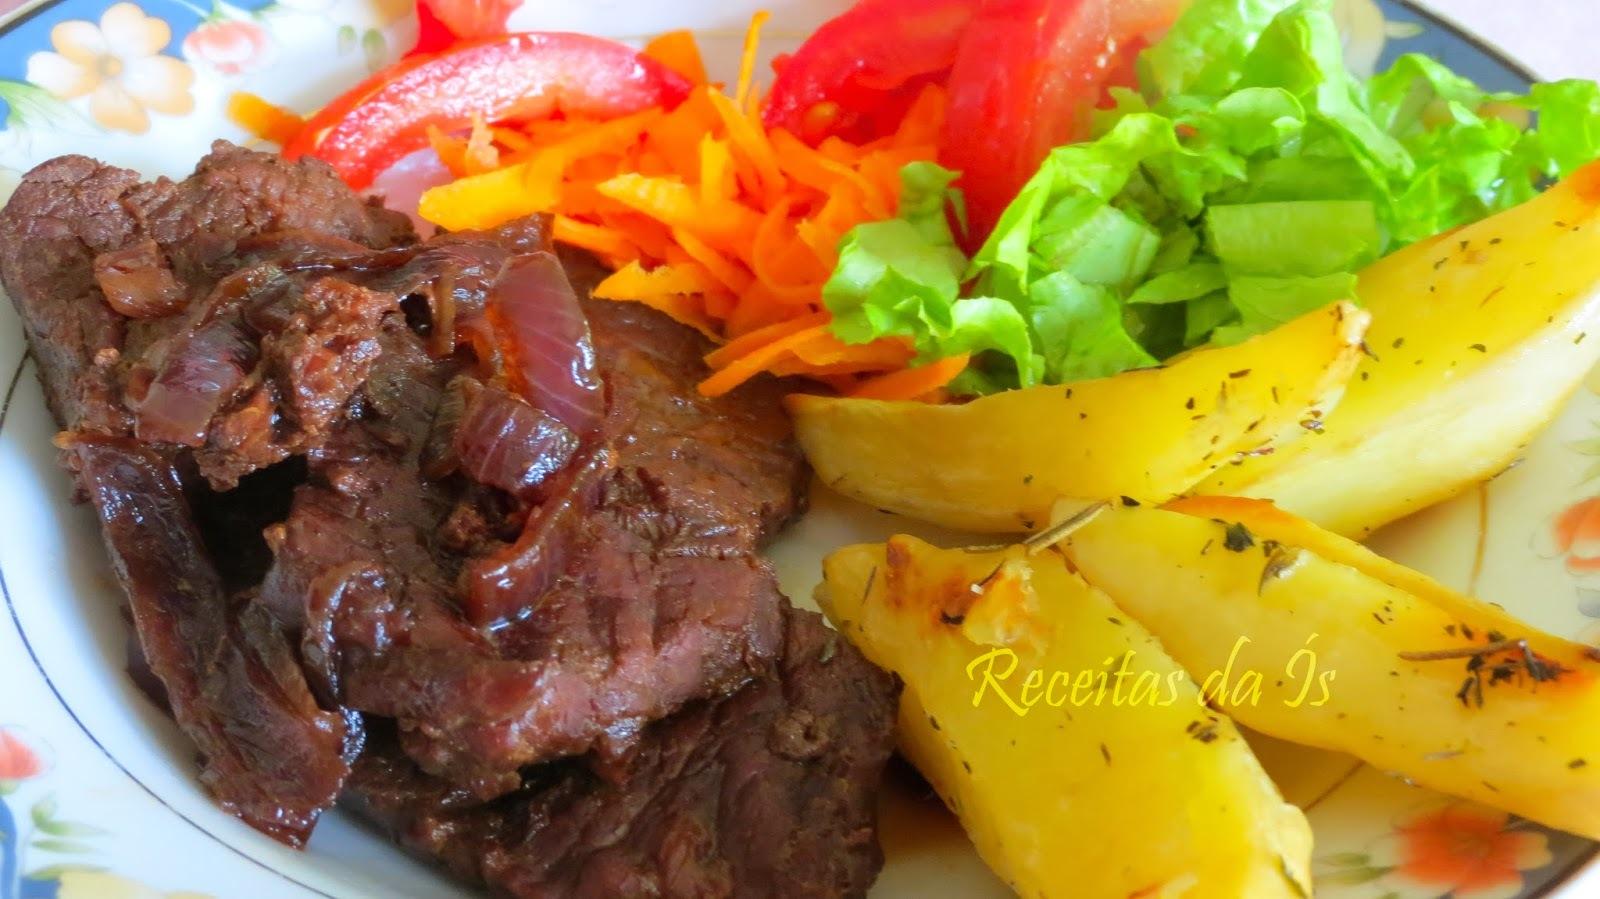 de carne assada no forno com batatas